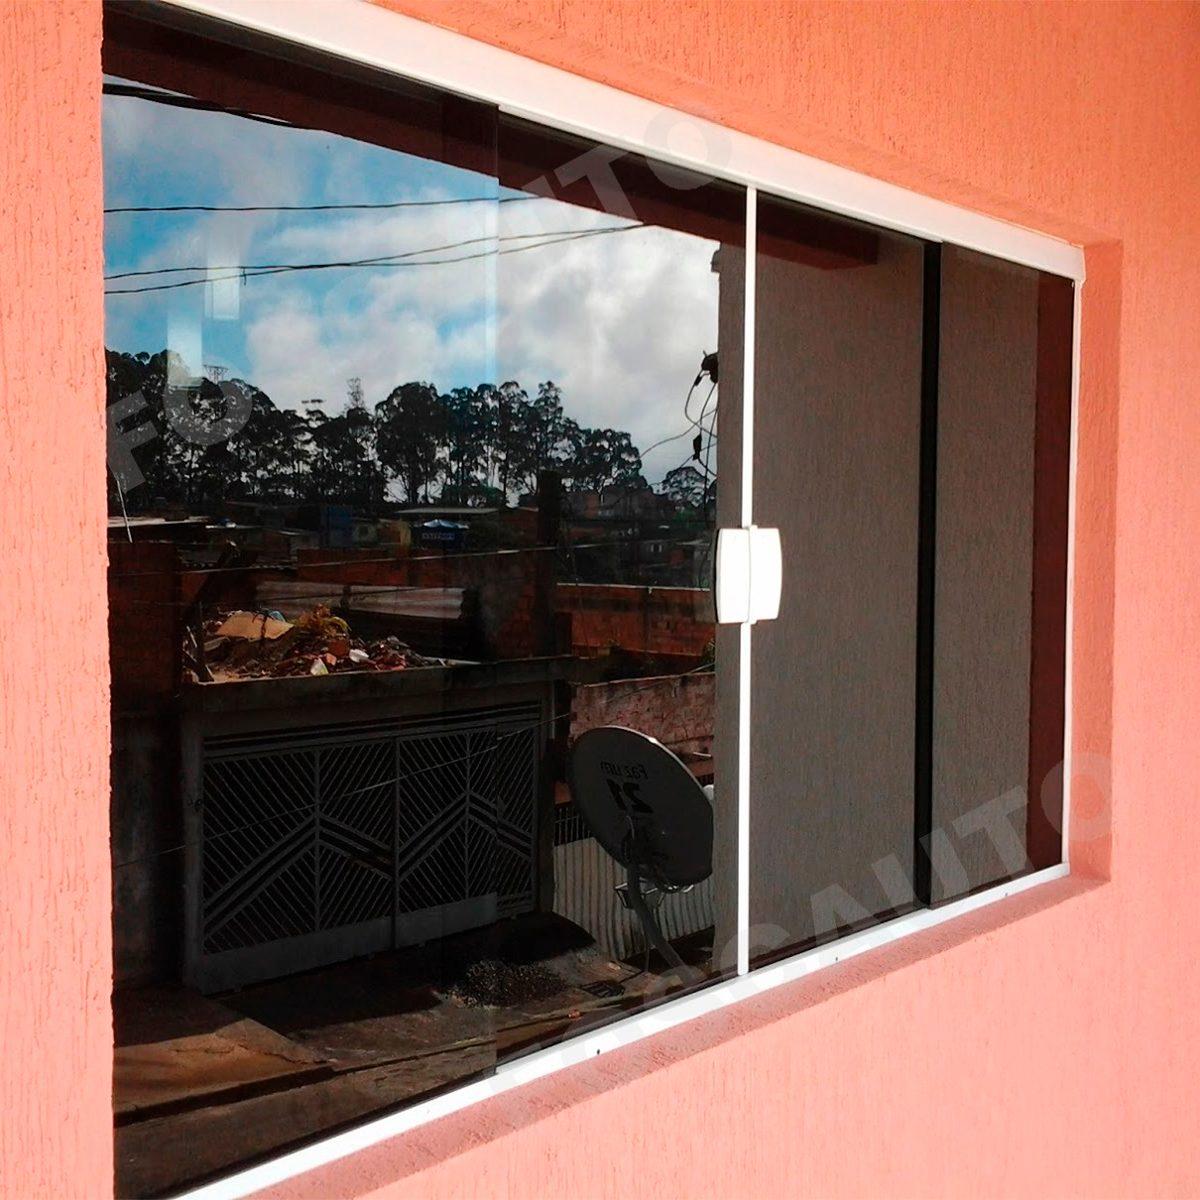 #C72804  Preto Fume Porta Janela Vidro Blindex R$ 19 95 em Mercado Livre 286 Janelas De Vidro Sanfonadas